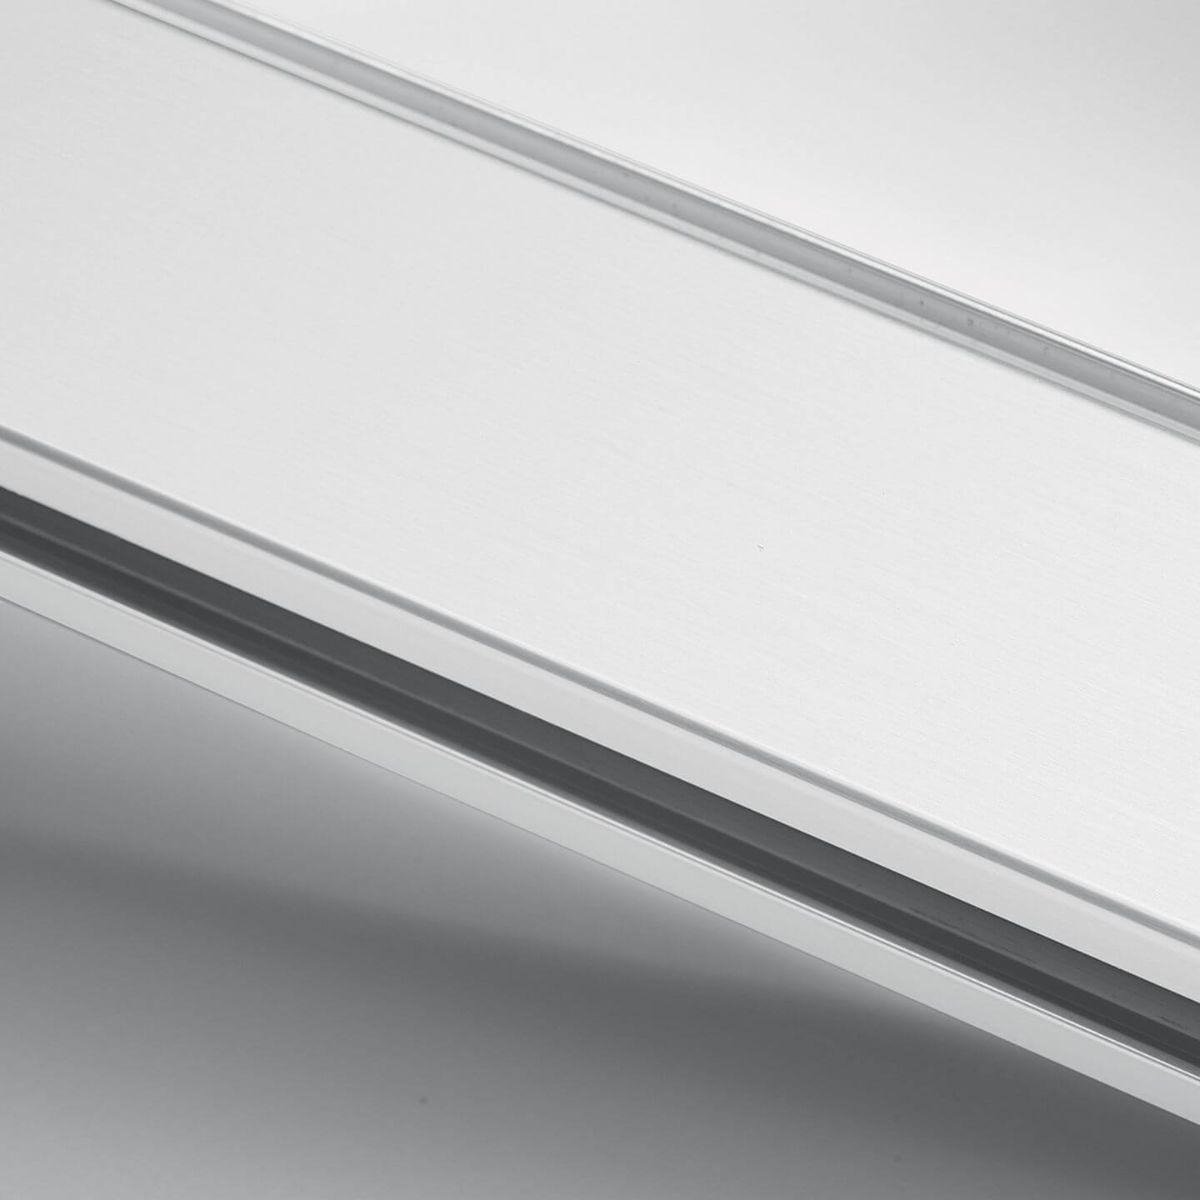 Finitura alluminio verniciato bianco per parete in vetro